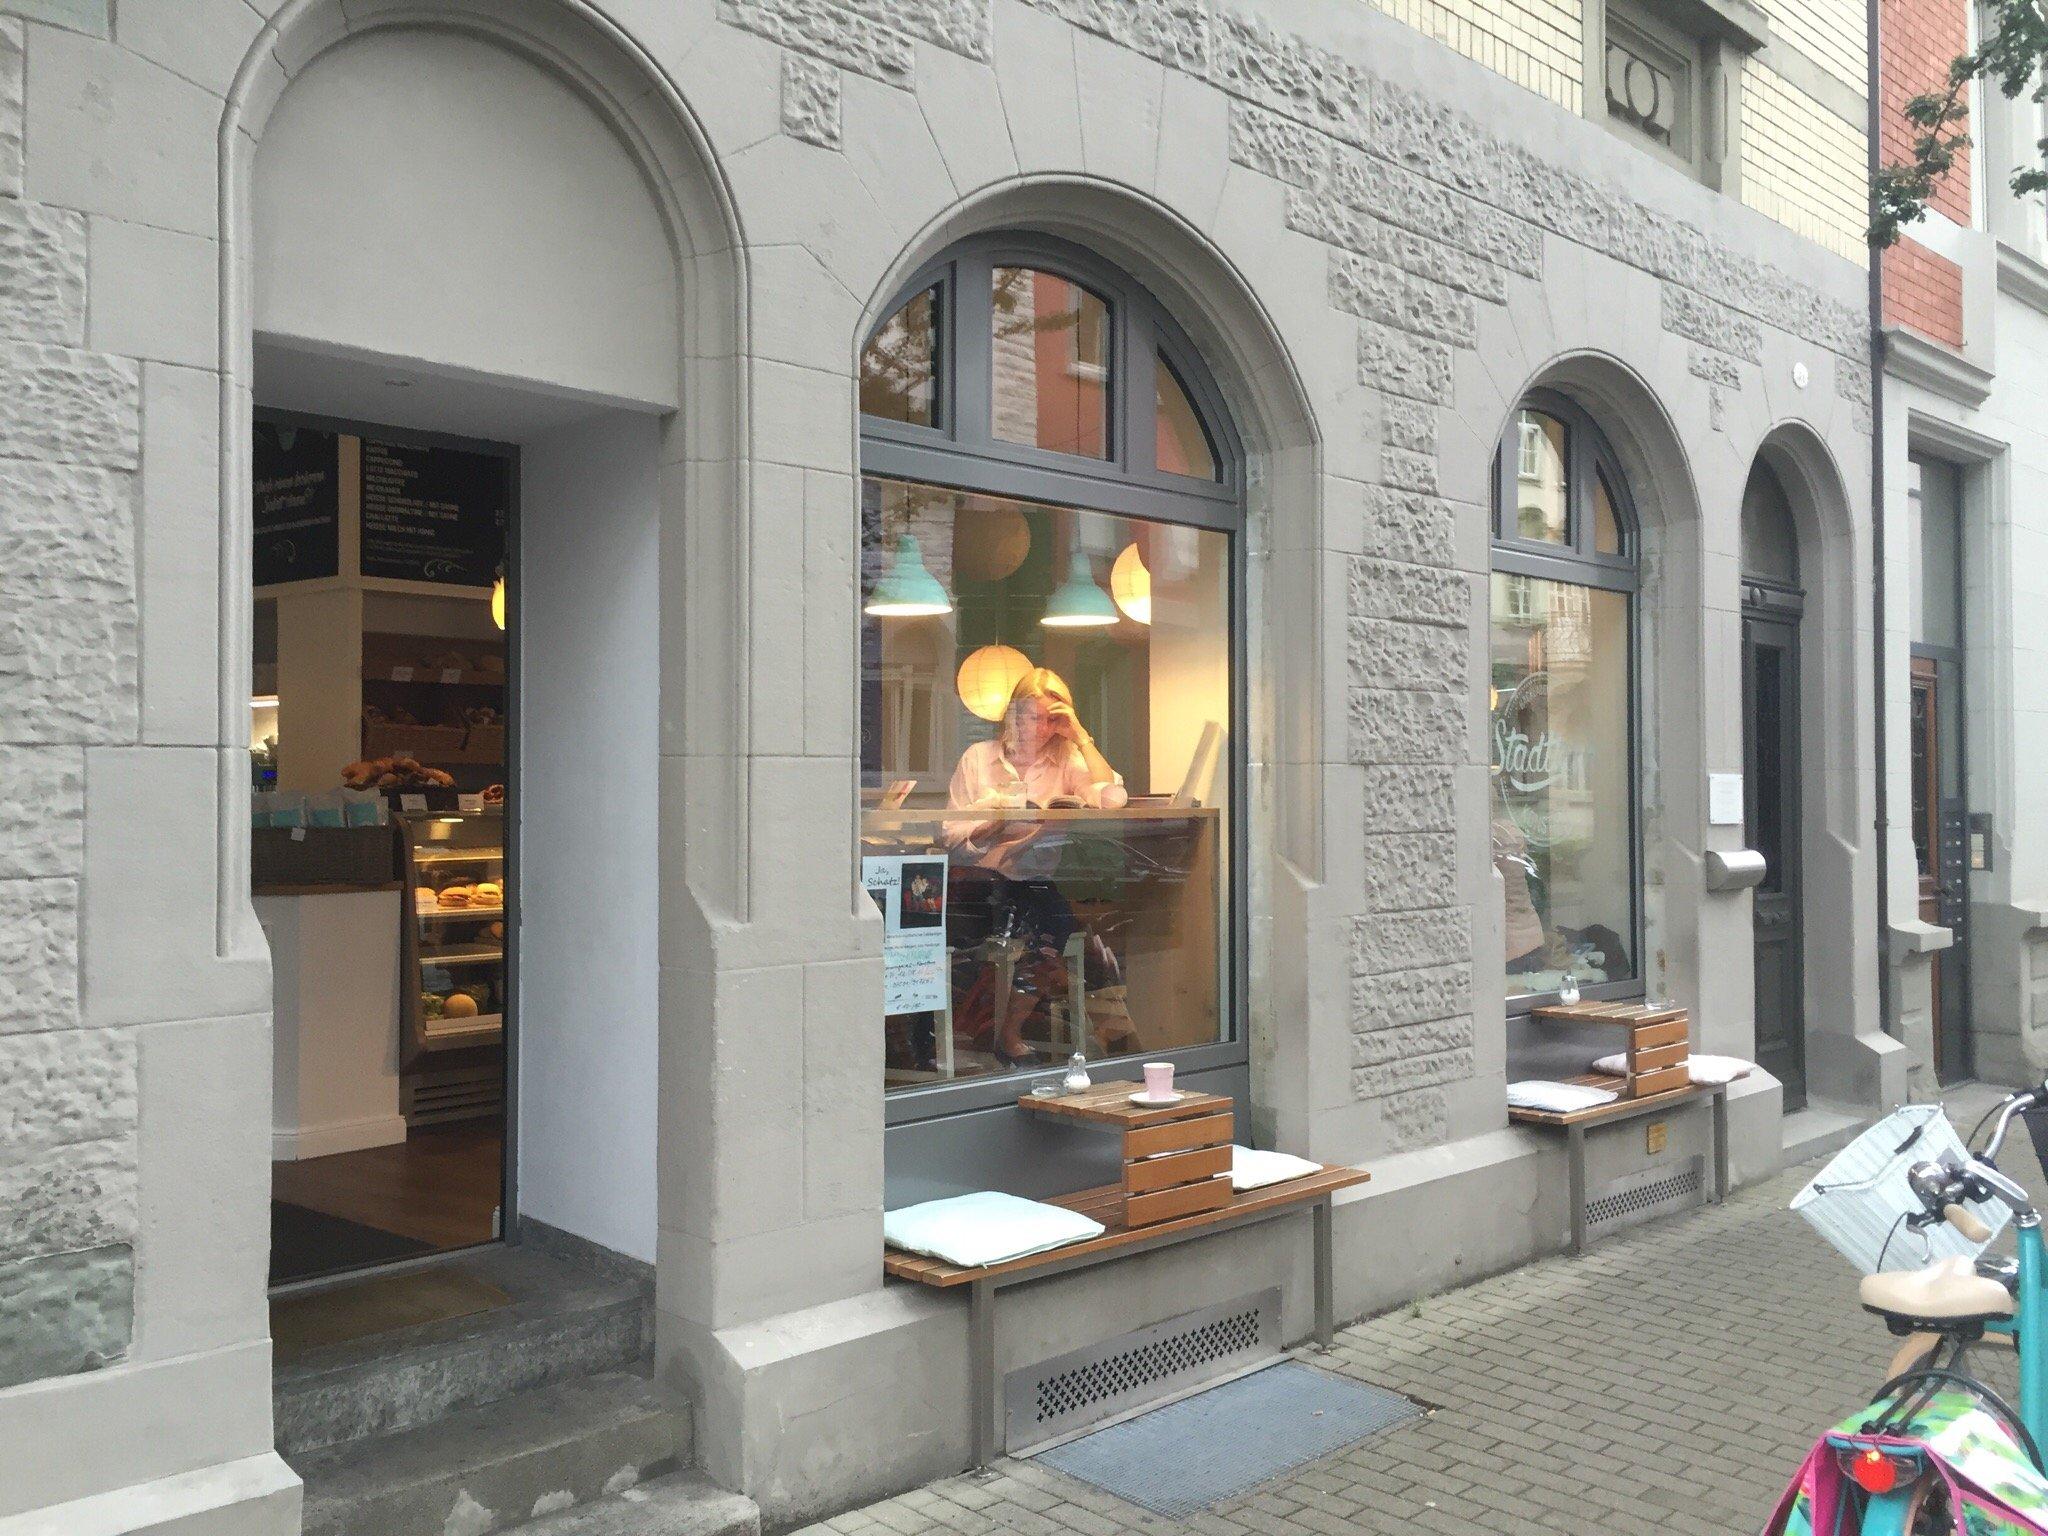 Die 10 Besten Restaurants In Der Nhe Von Bahnhof Konstanz